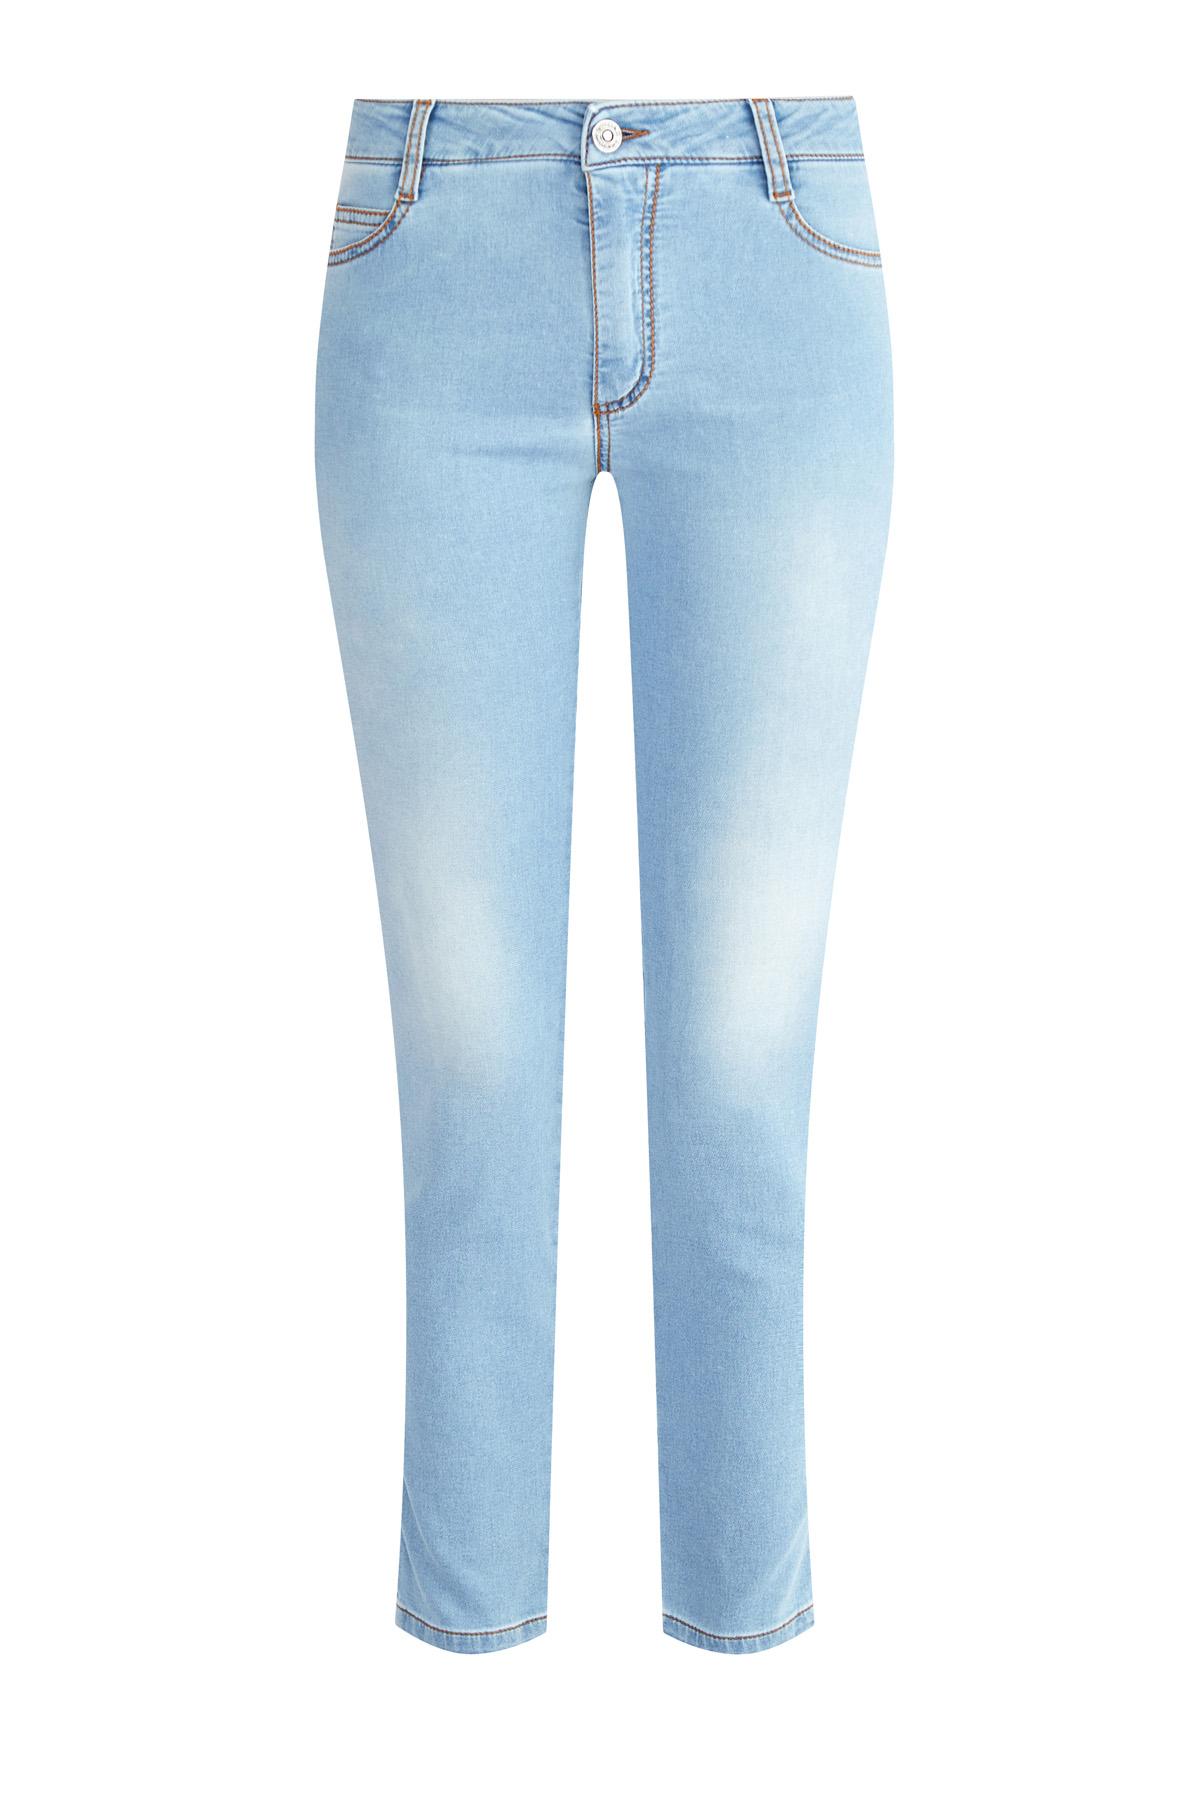 Лаконичные джинсы длины ⅞ из тонкого денима  с эффектом варки